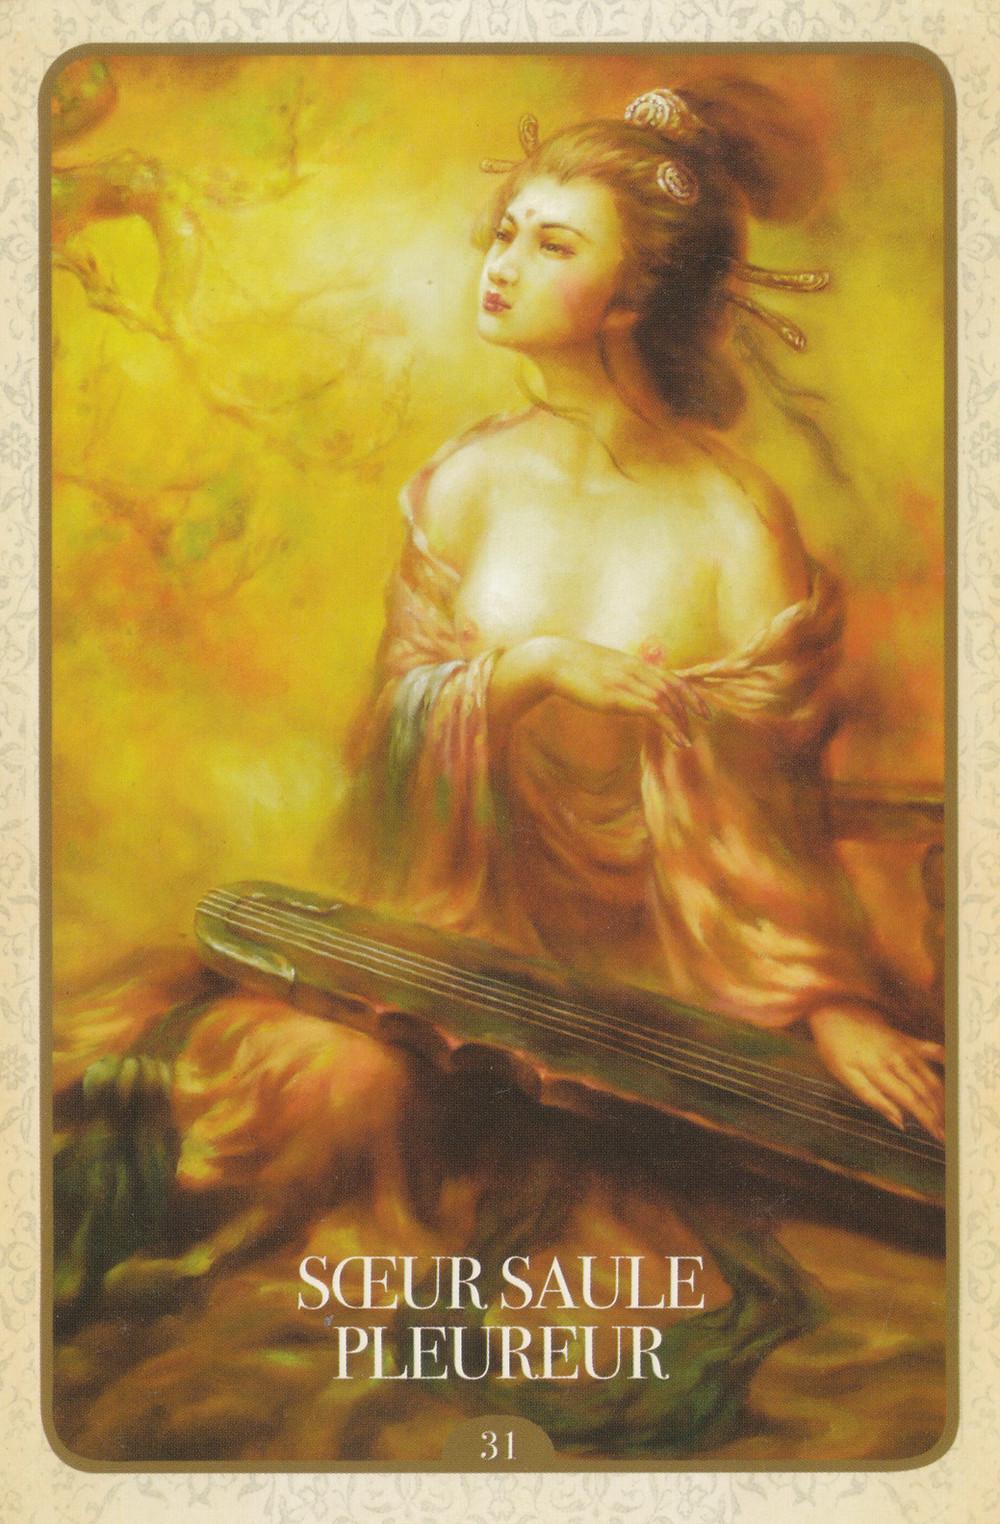 Carte de L'Oracle de Kuan Yin, d'Alana Fairchild - 31 - Sœur Saule Pleureur - Energies 4-10 mai 2020 (Portail 5-5 / Pleine Lune du 7) : Révélations et Libération de l'emprise Grâce au Pardon